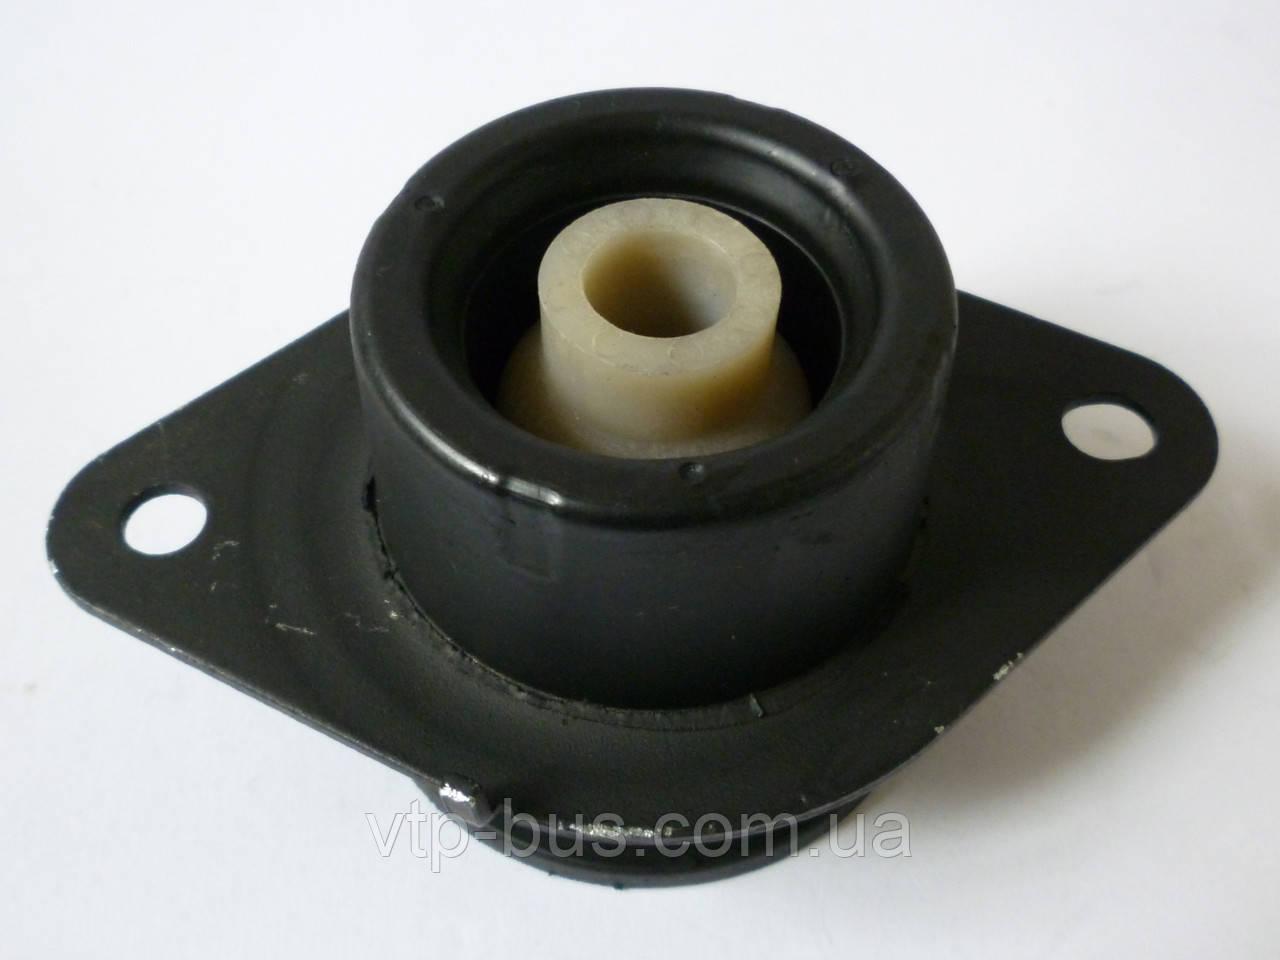 Подушка двигателя под КПП (левая, круглая) на Renault Trafic 1.9dCi с 2001... Sasic (Франция), SAS2704019